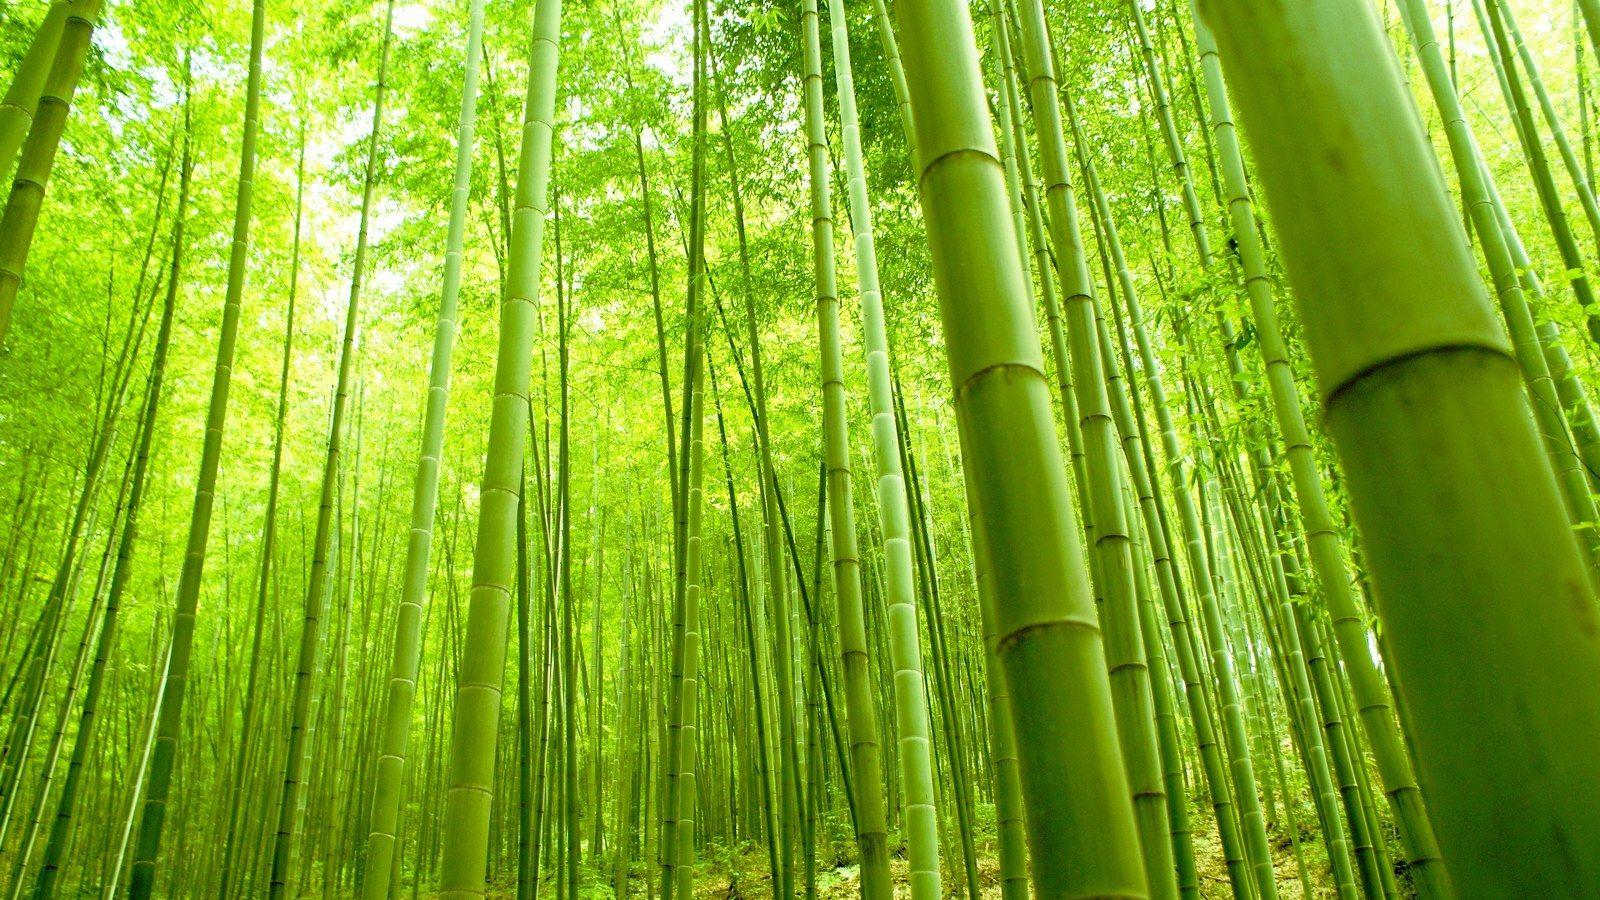 bamboo background nineteen photo - photo #24